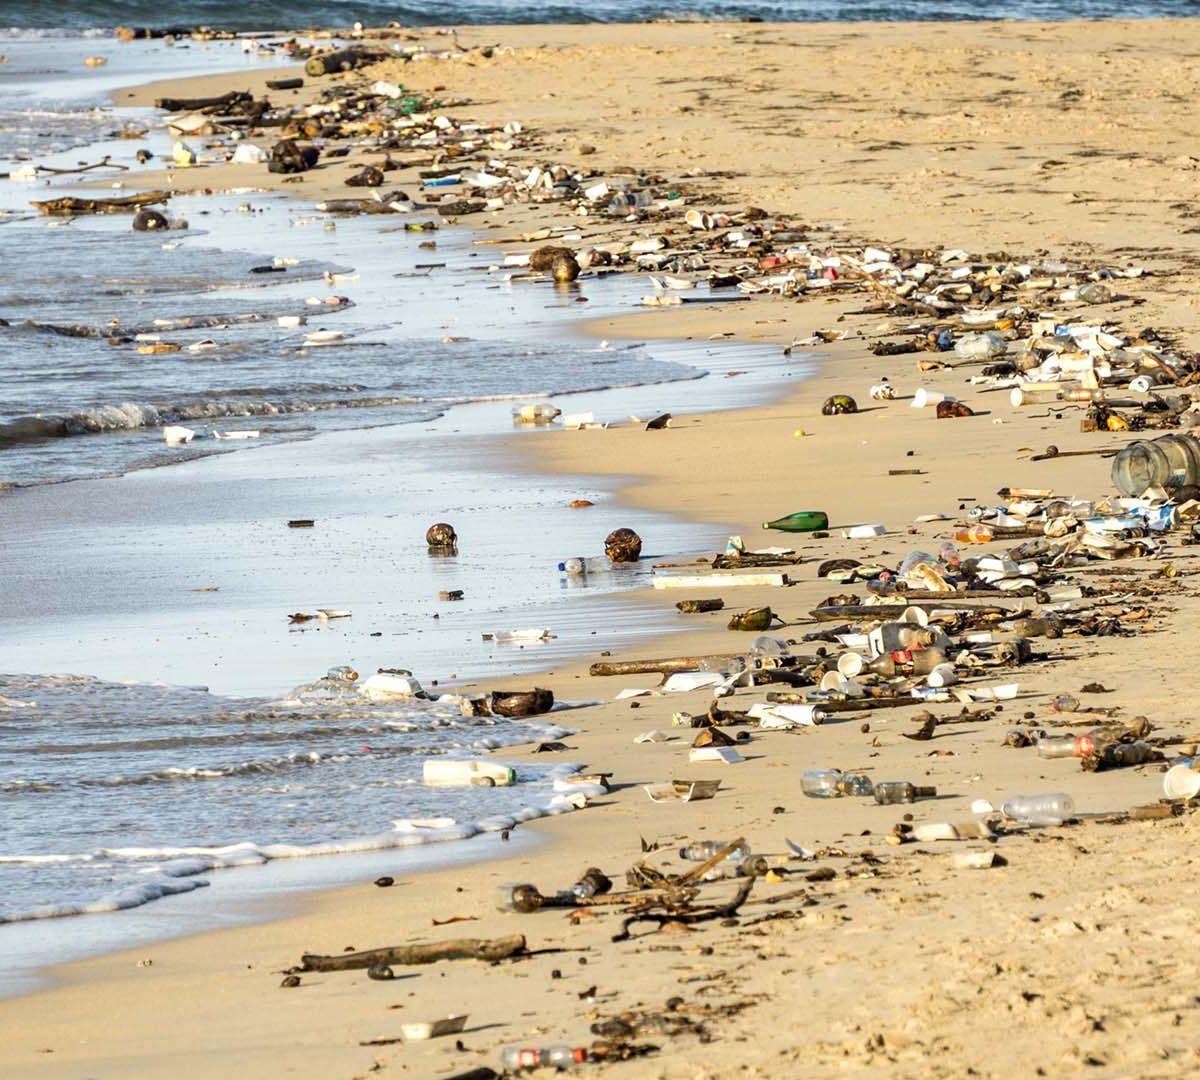 Poluição Plástico Marítima - ONU